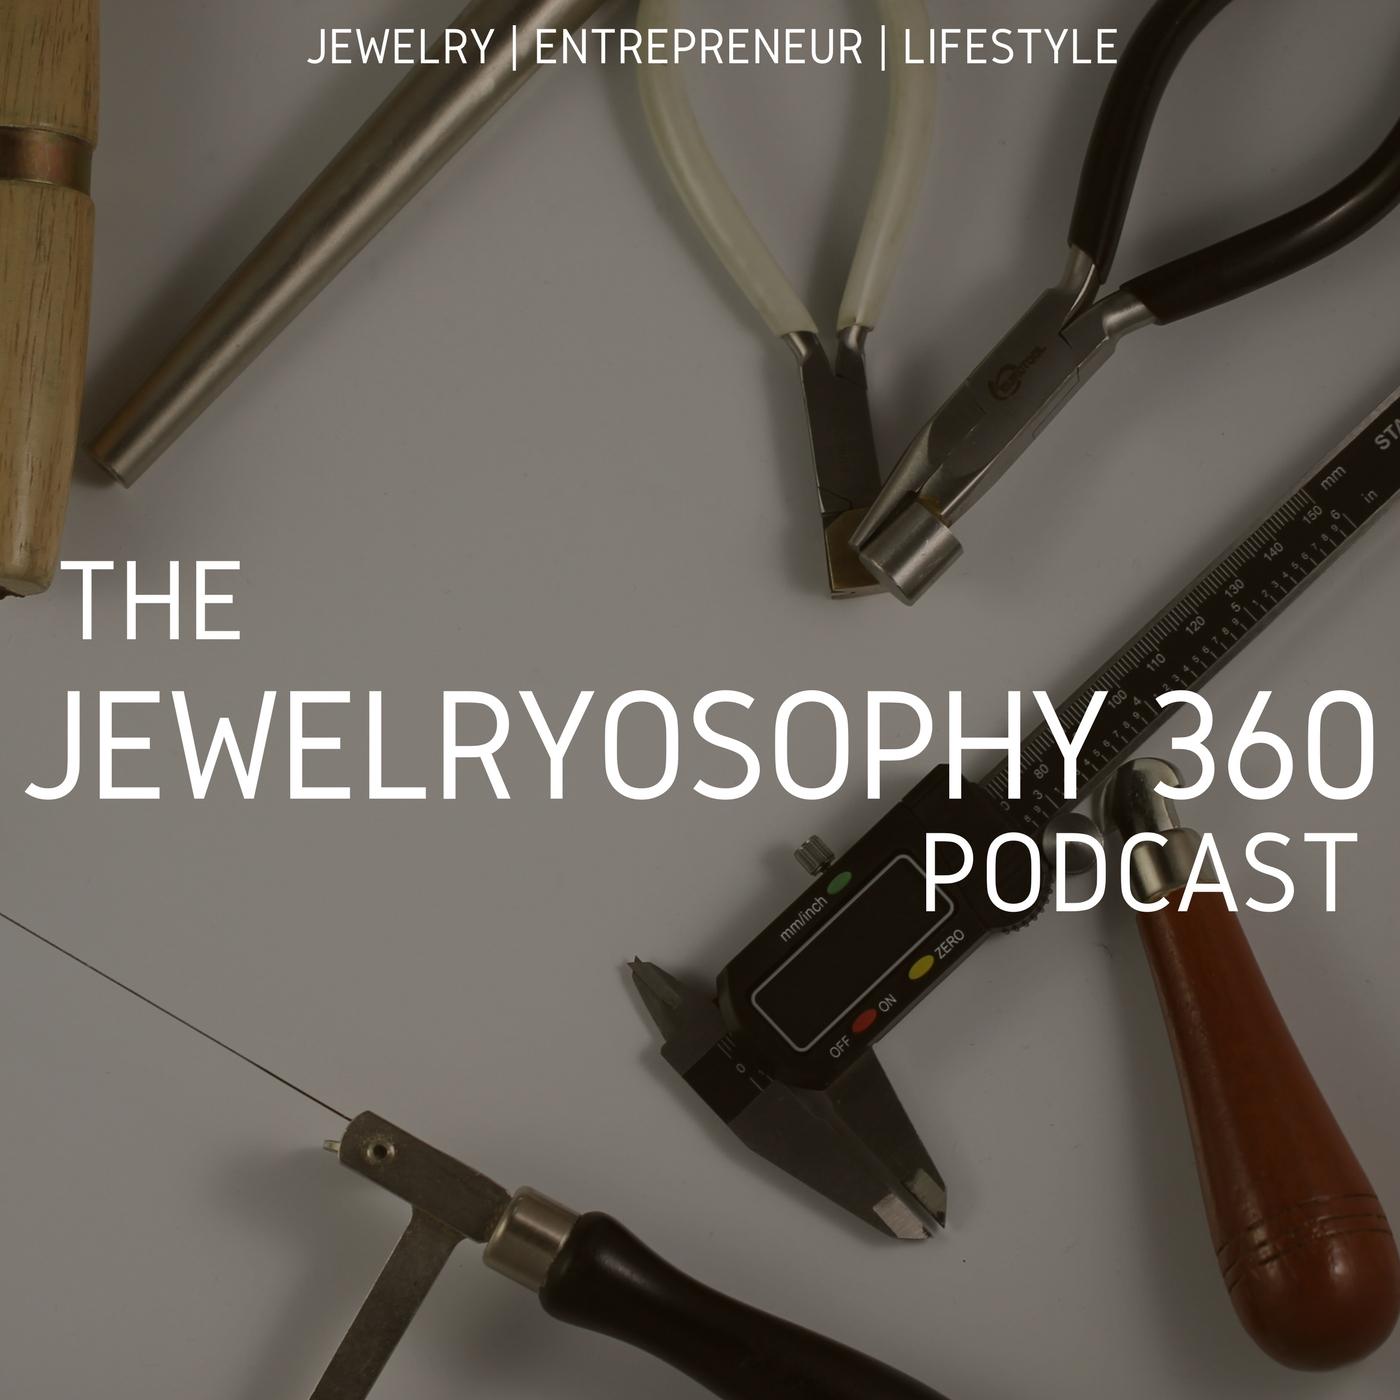 Jewelryosophy360-podcast